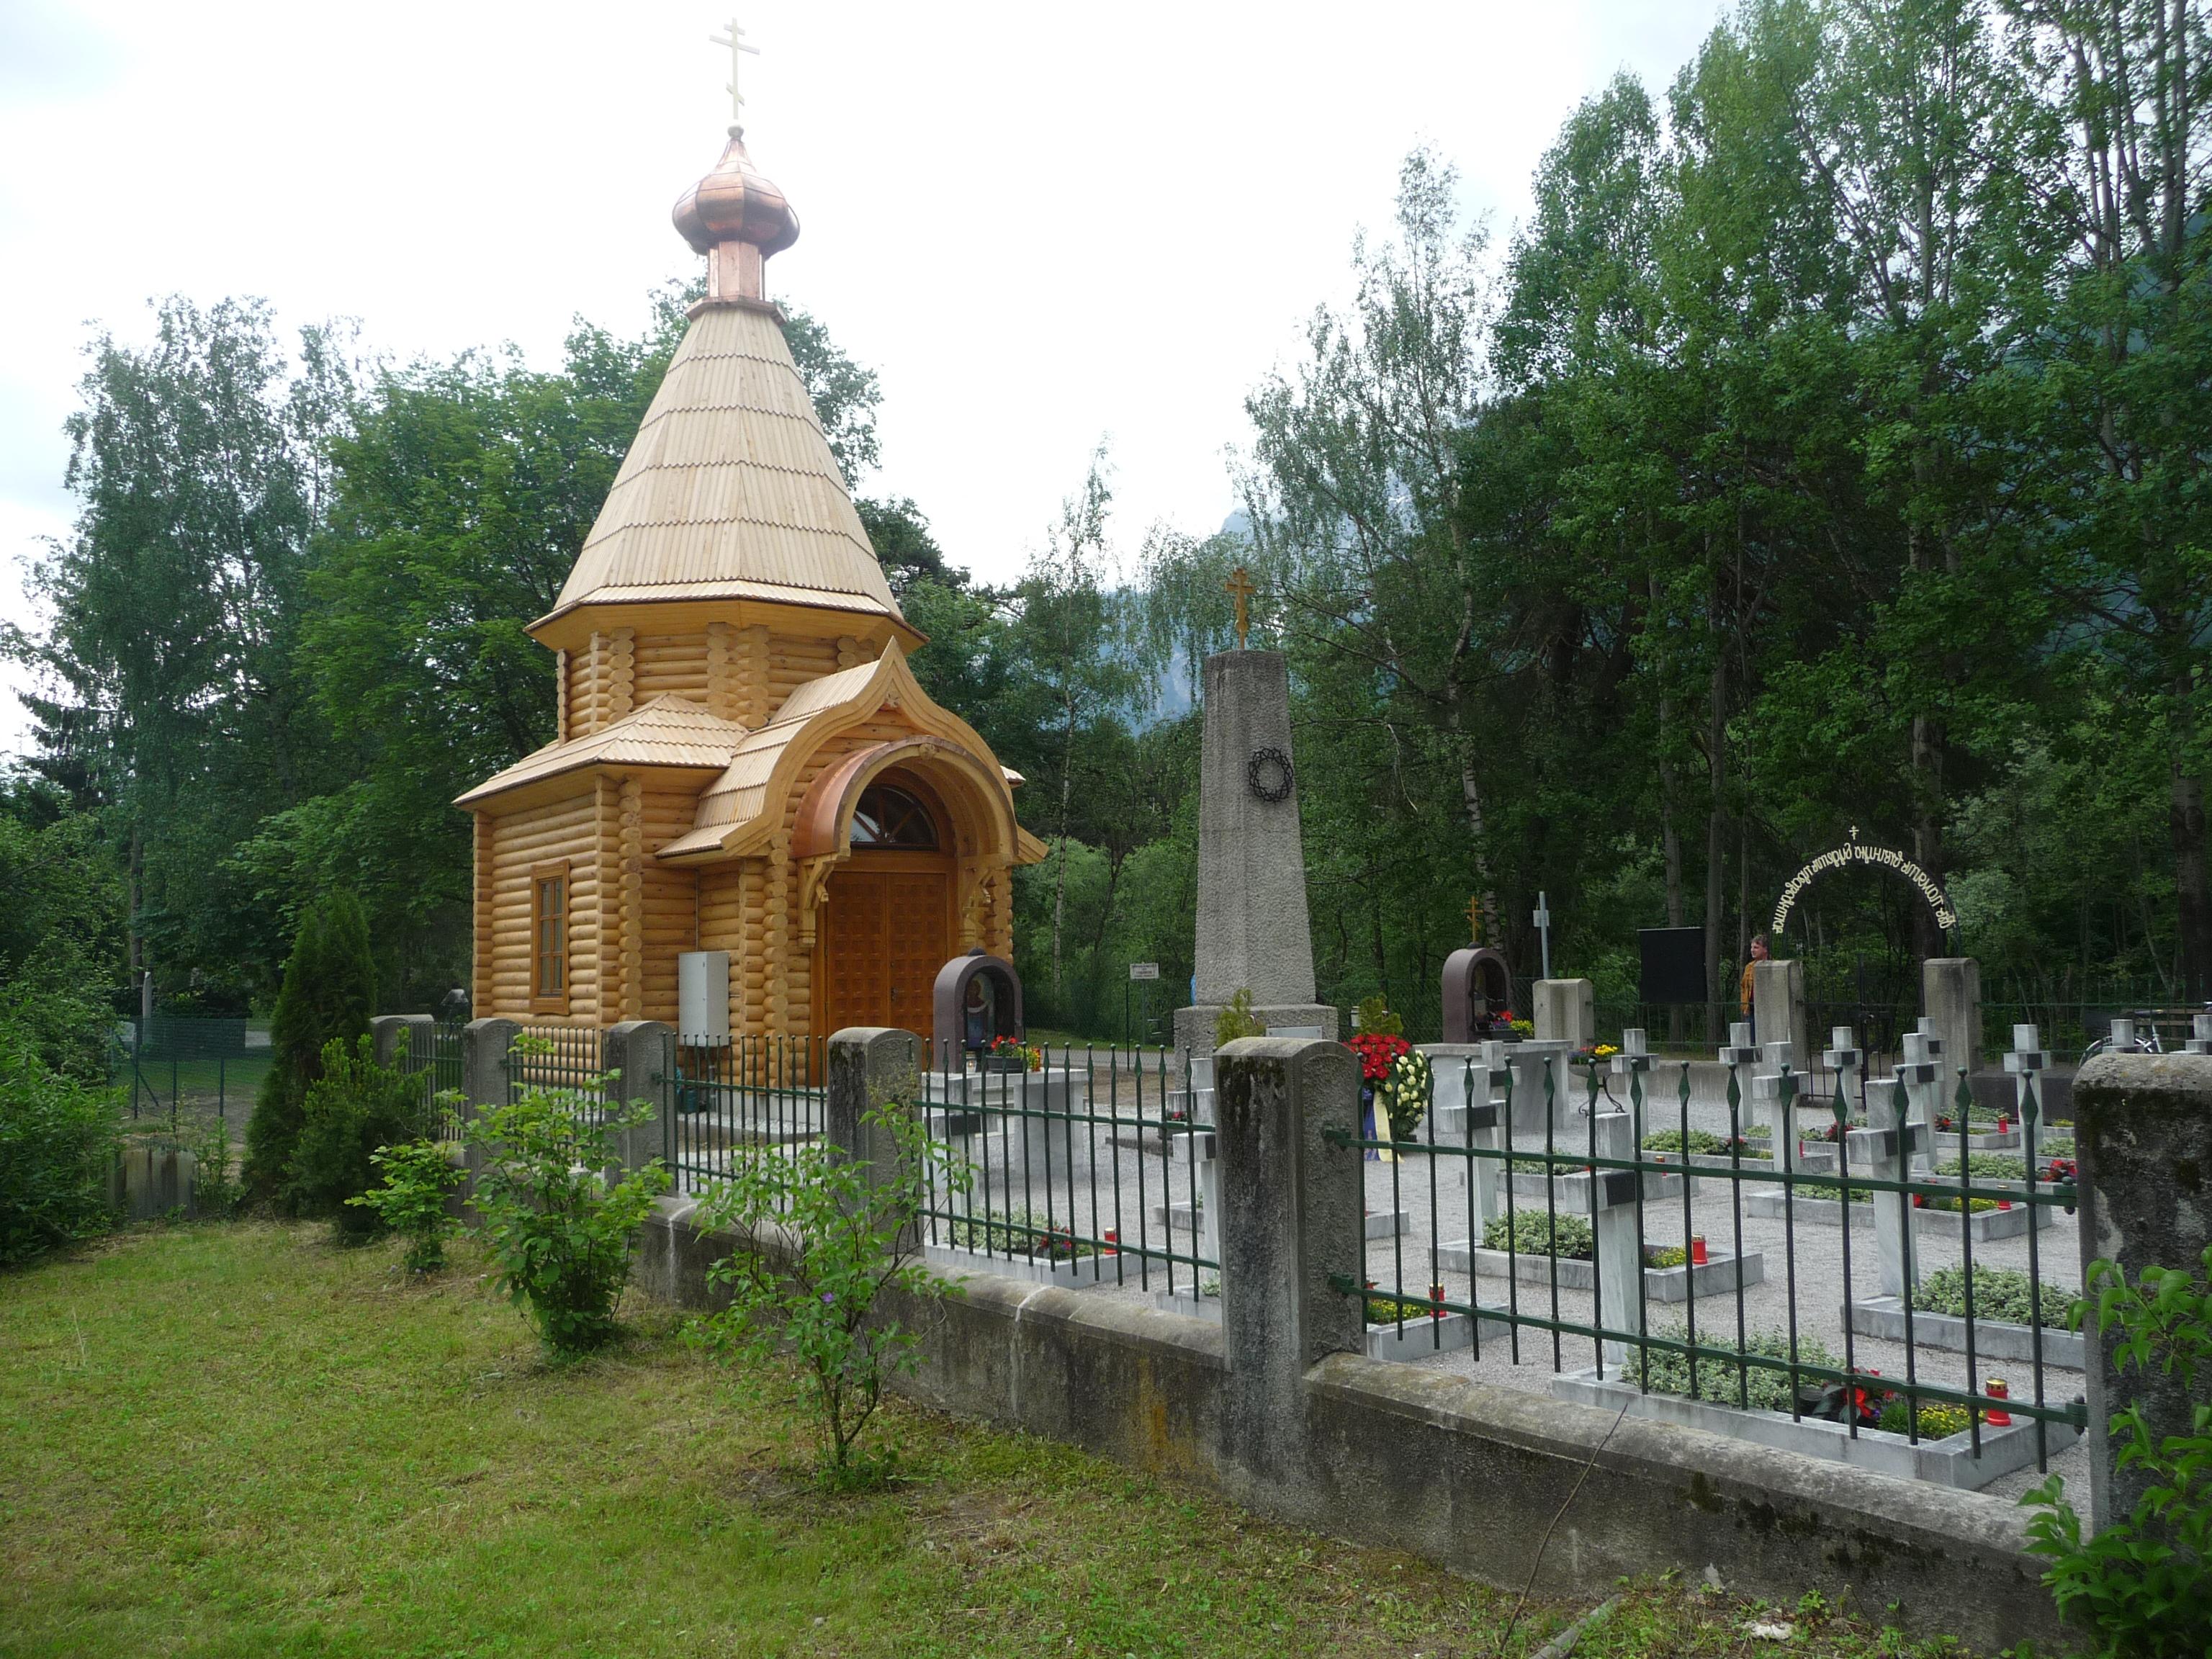 Поддержка Фондом строительства часовни на казачьем кладбище в городе Лиенц, Австрия (KOSAKEN KAPELLE LIENZ)